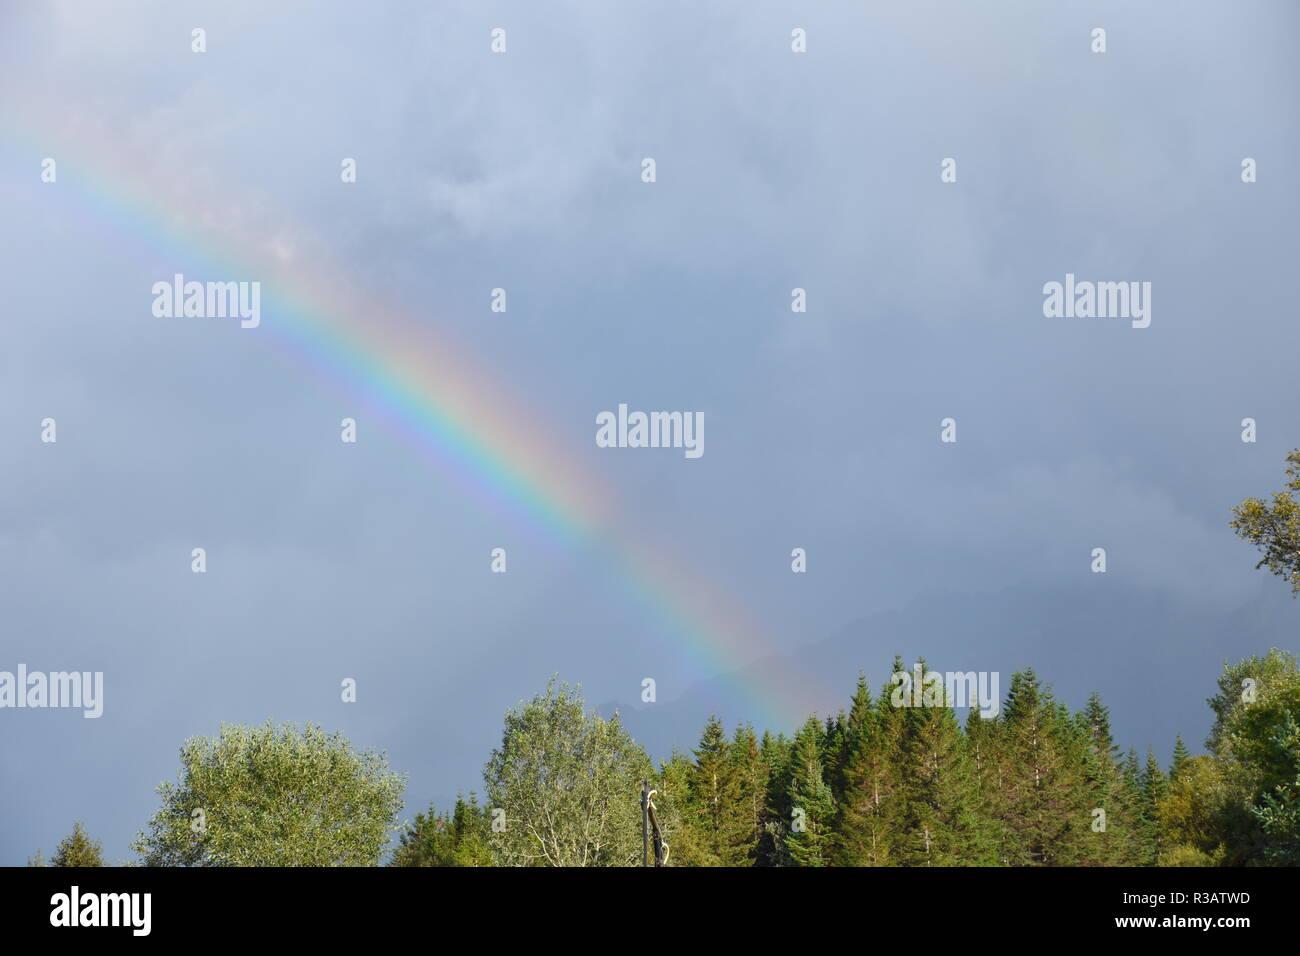 Norwegen, Lofoten, Regenbogen, Regen, Wasser, Licht, Schatten, Sonne, Reflexion, scheinen, Wolken, Wetter, Unwetter, Atmosphärisch, optisch, - Stock Image